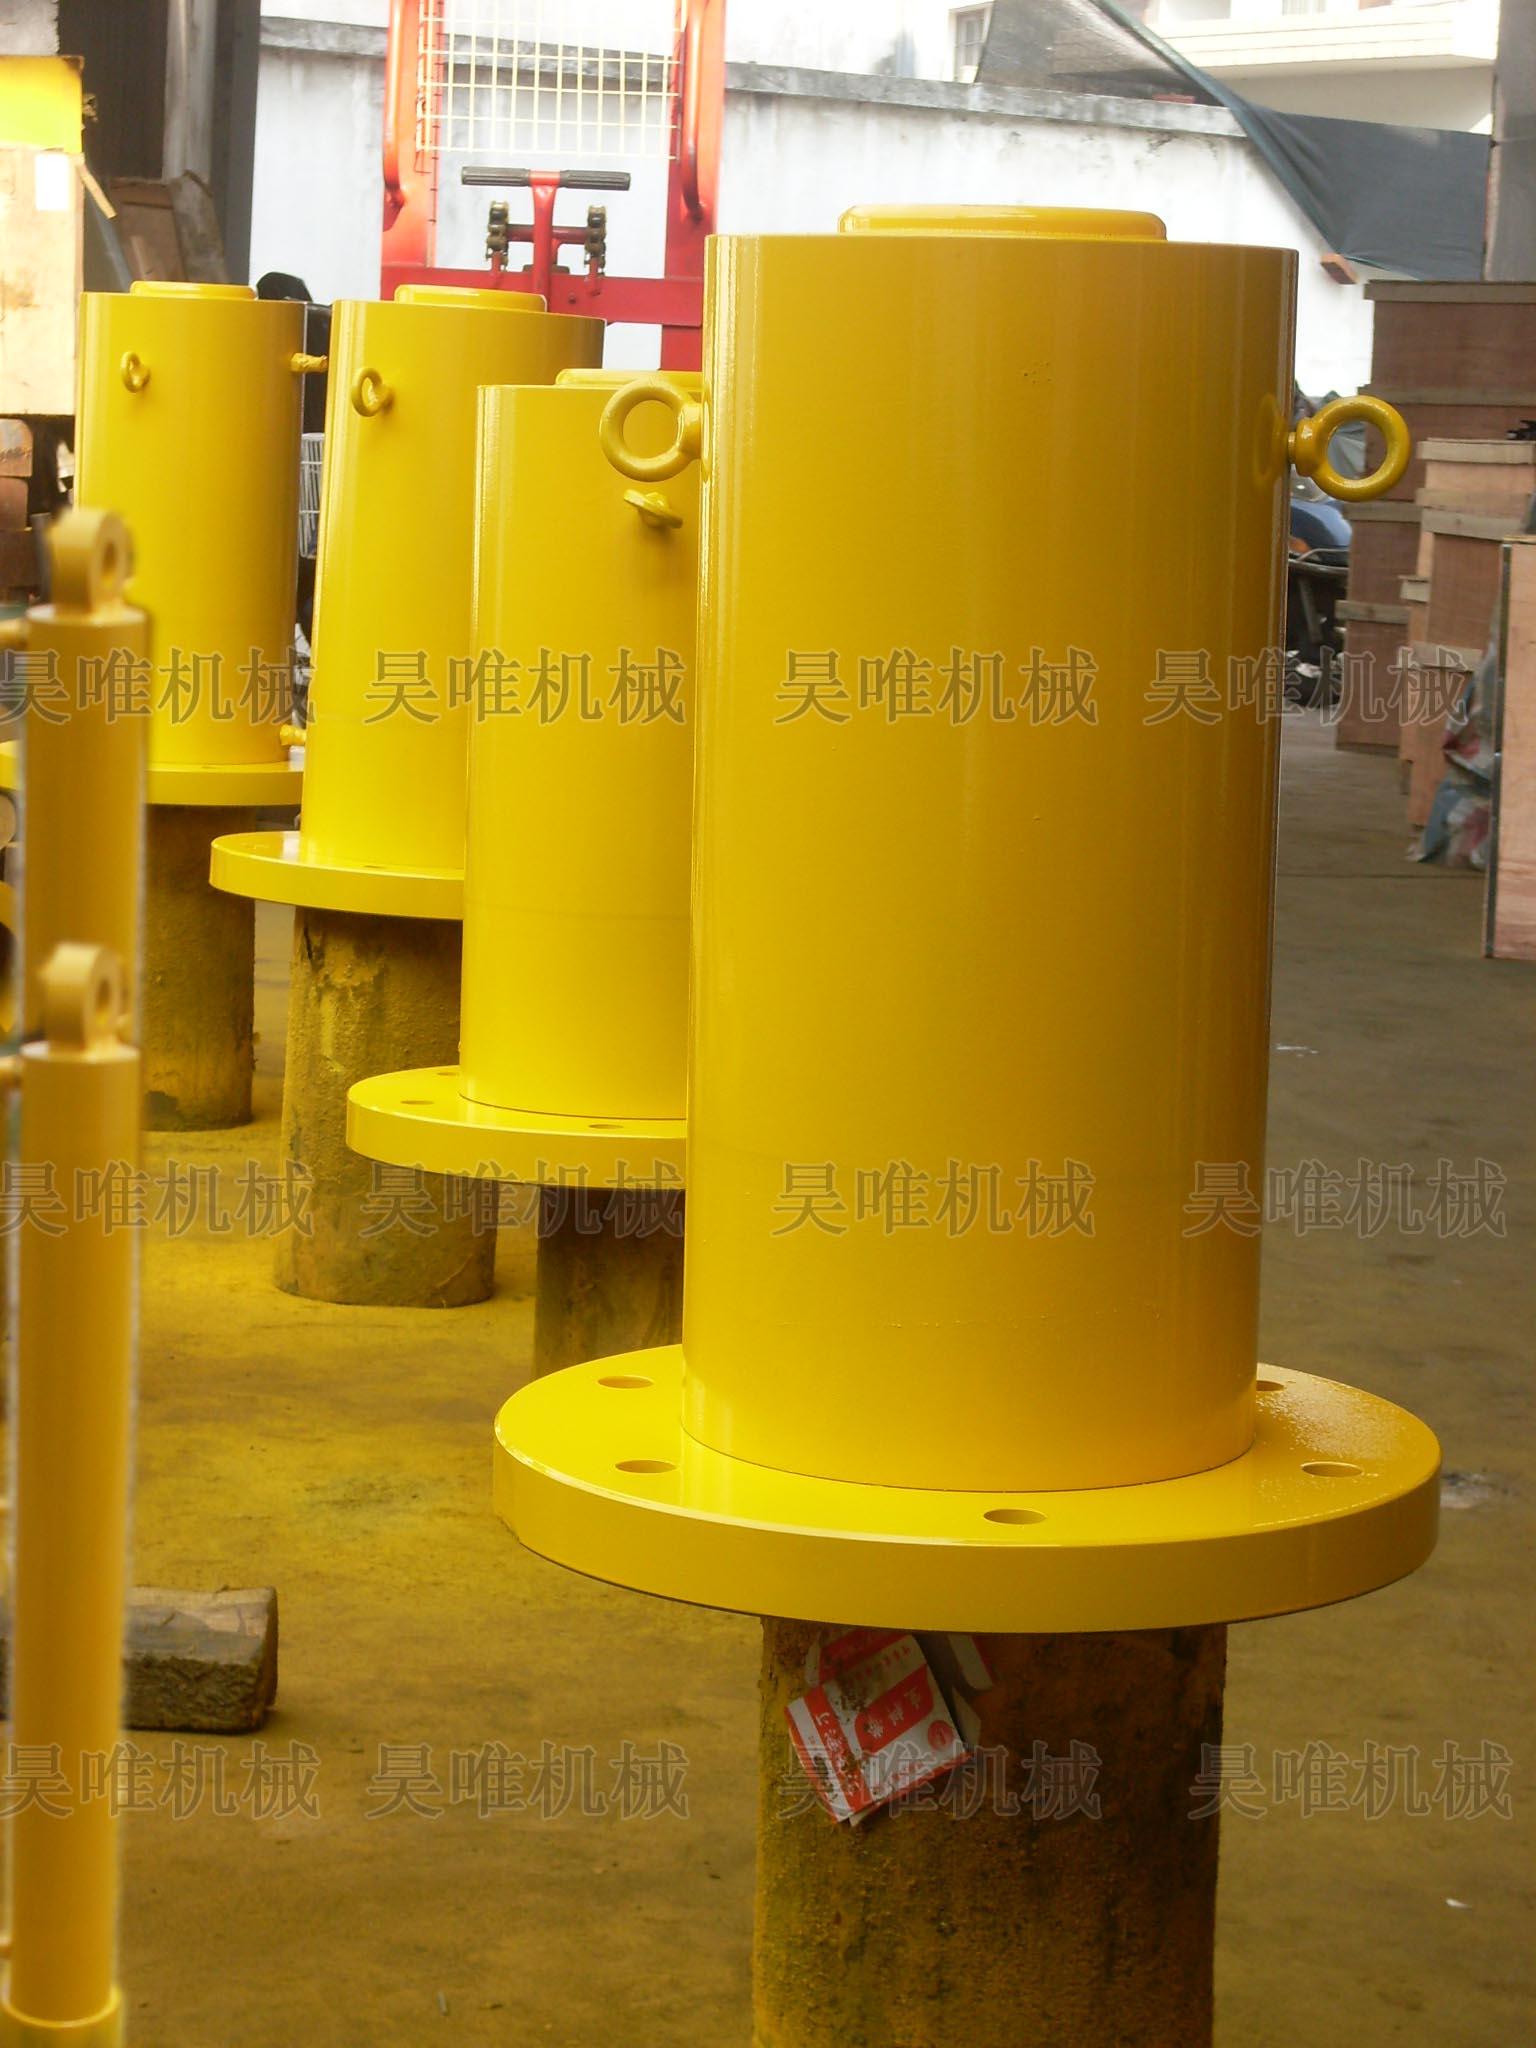 产品名称:带法兰盘大吨位液压千斤顶; 液压起顶机 320吨起重机 500t图片